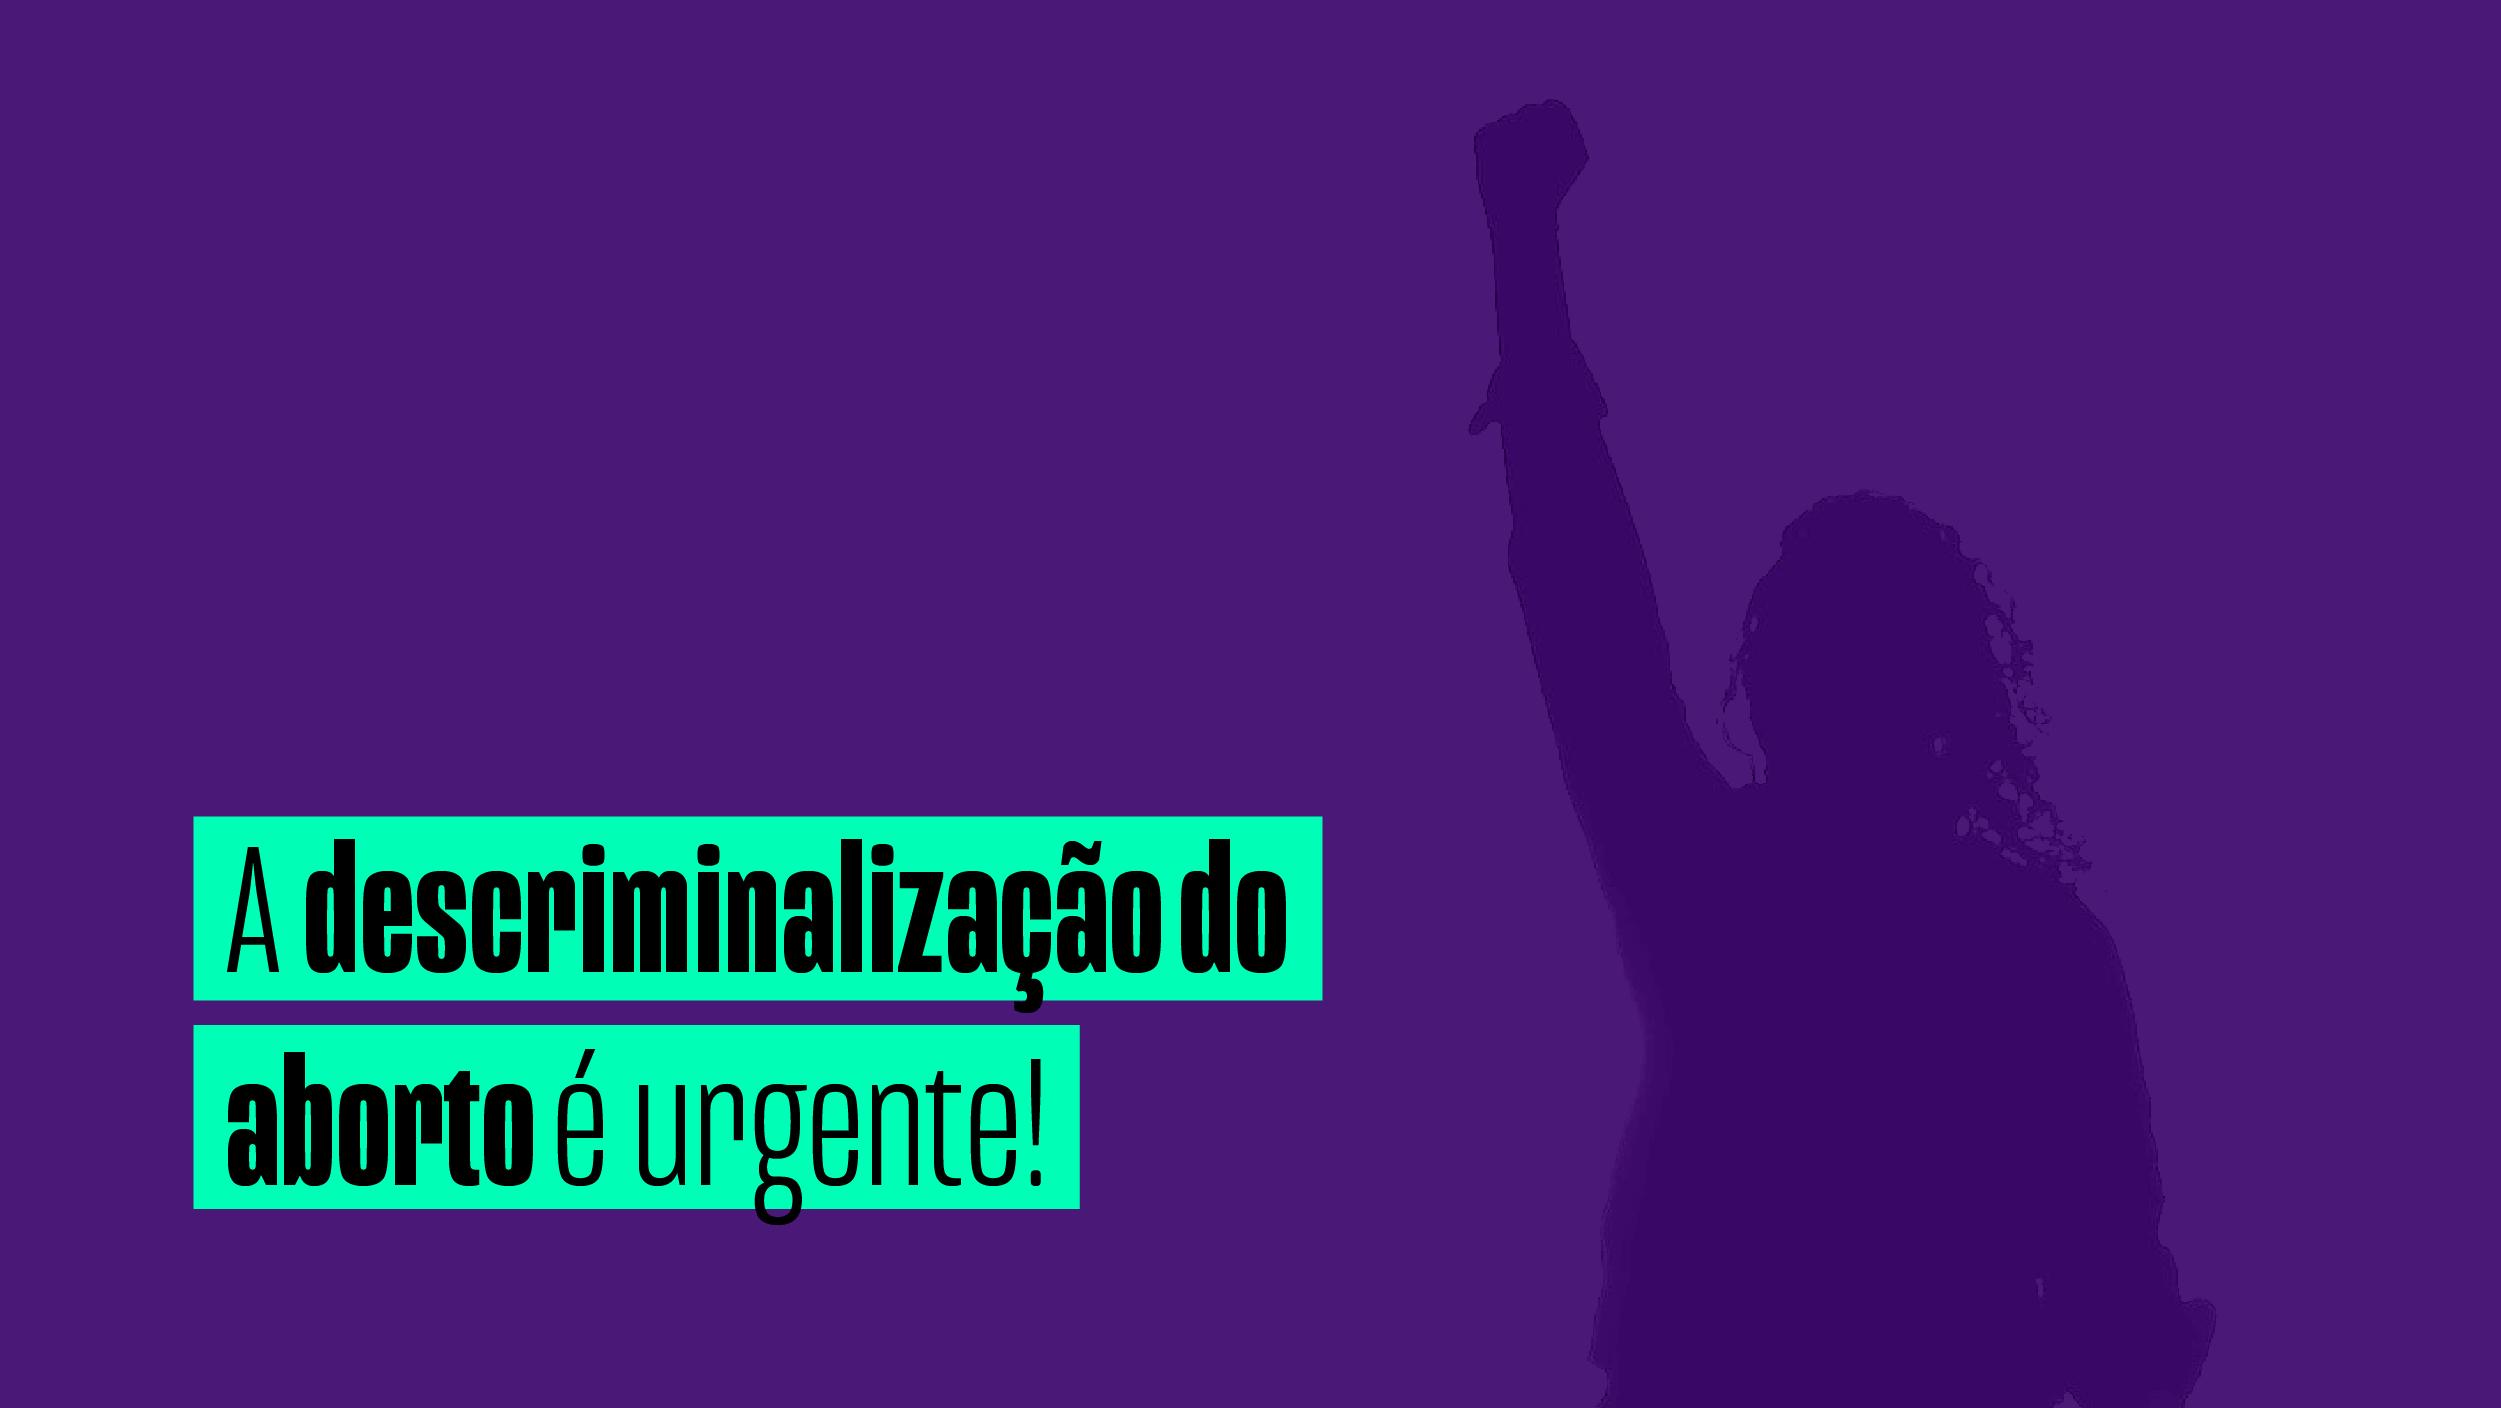 28/09: Dia pela descriminalização e legalização do aborto